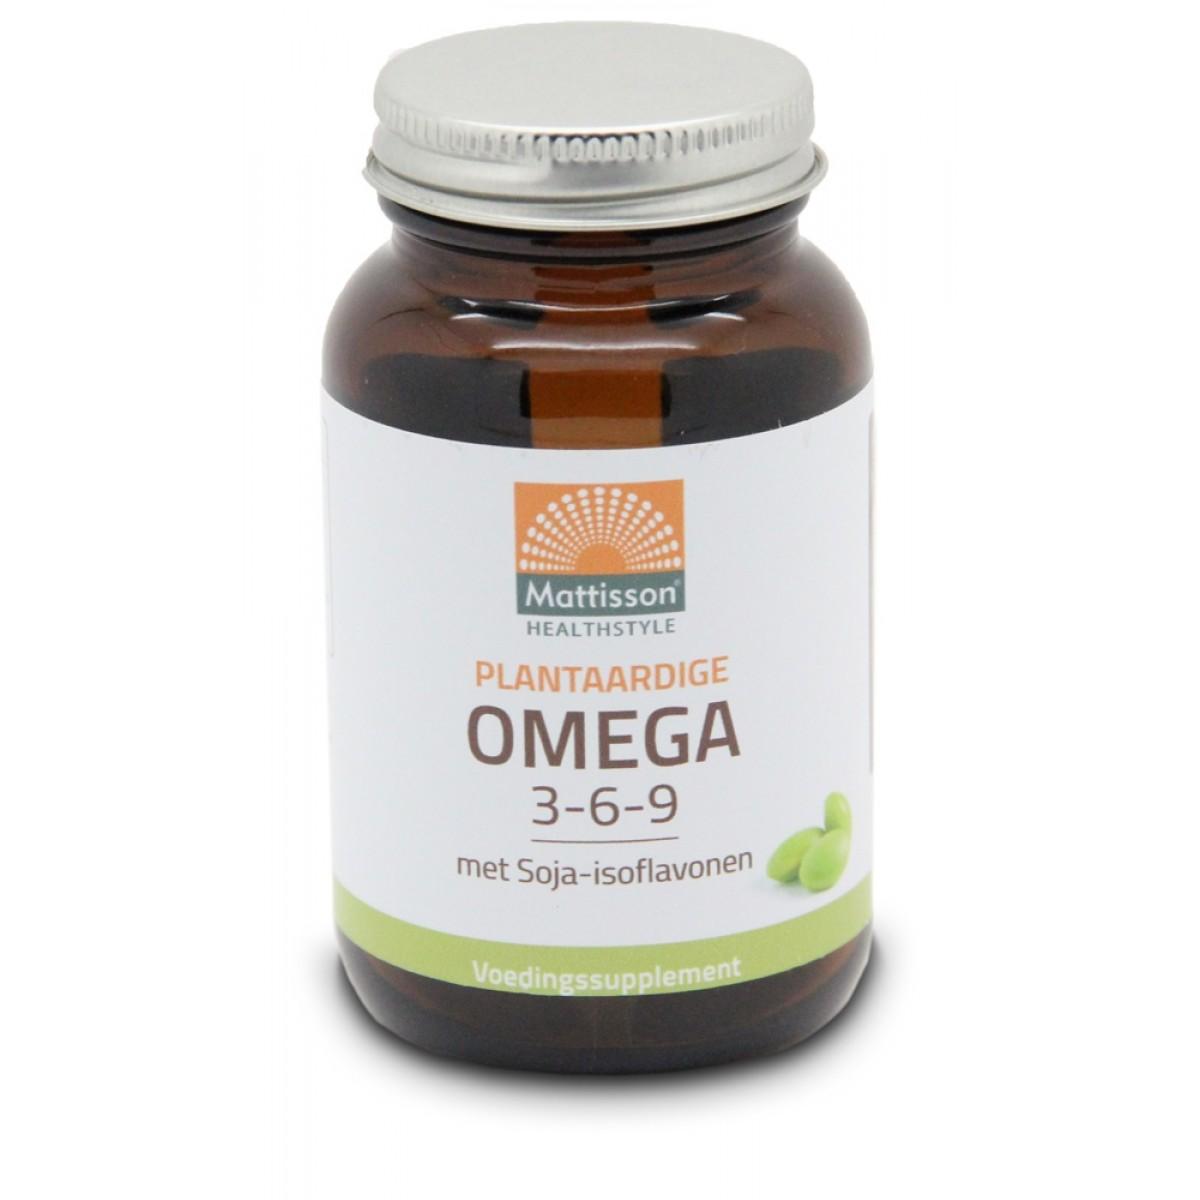 Plantaardige Omega 3-6-9 met Soja-isoflavonen